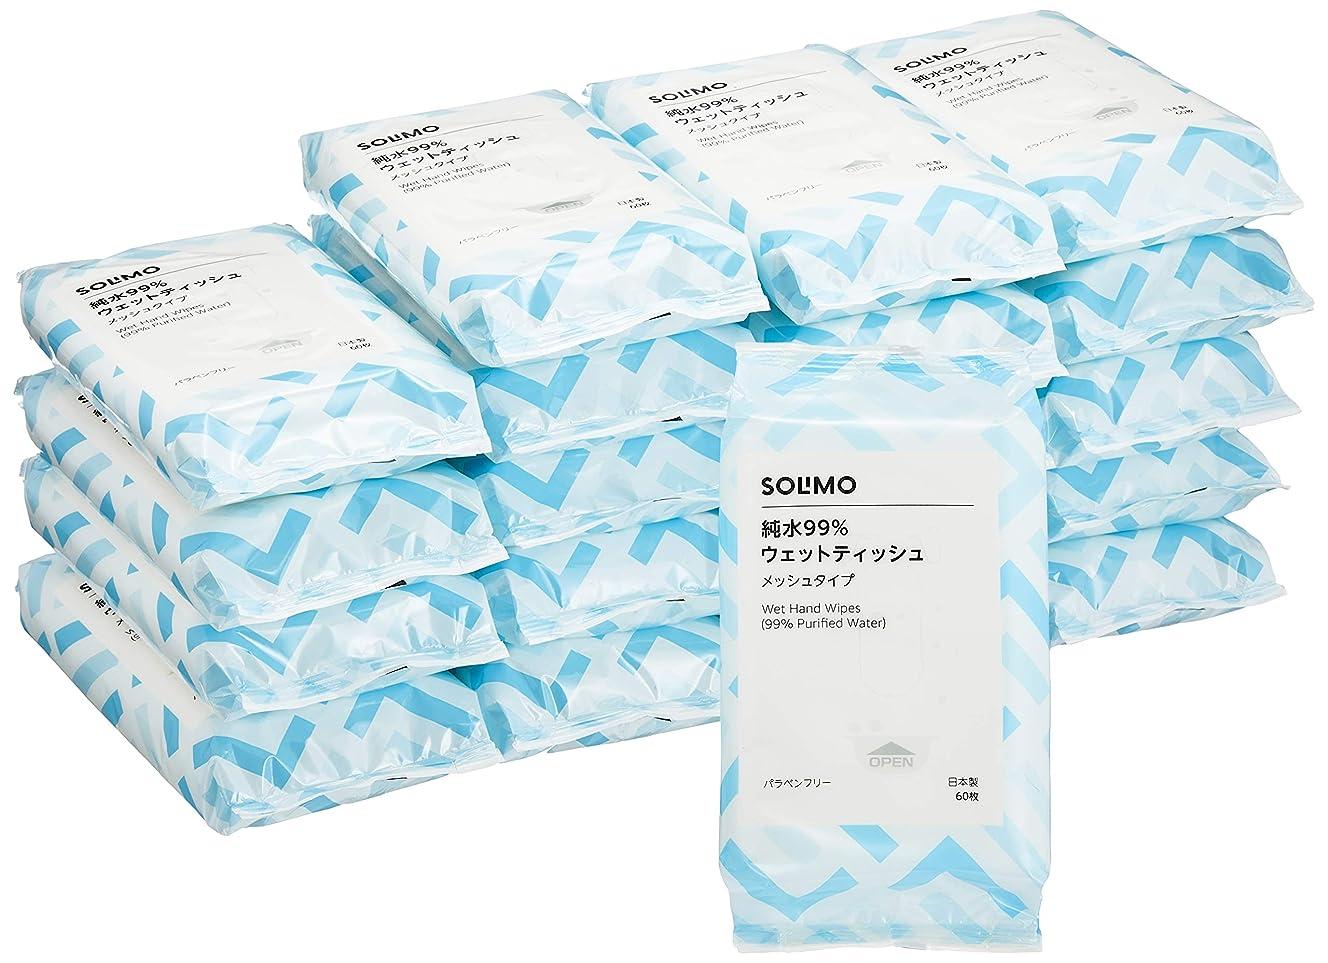 読みやすさ適格服を片付ける[Amazonブランド] SOLIMO 純水99% ウェットティッシュ メッシュタイプ 60枚入×20個 (1200枚) 日本製 パラベンフリー